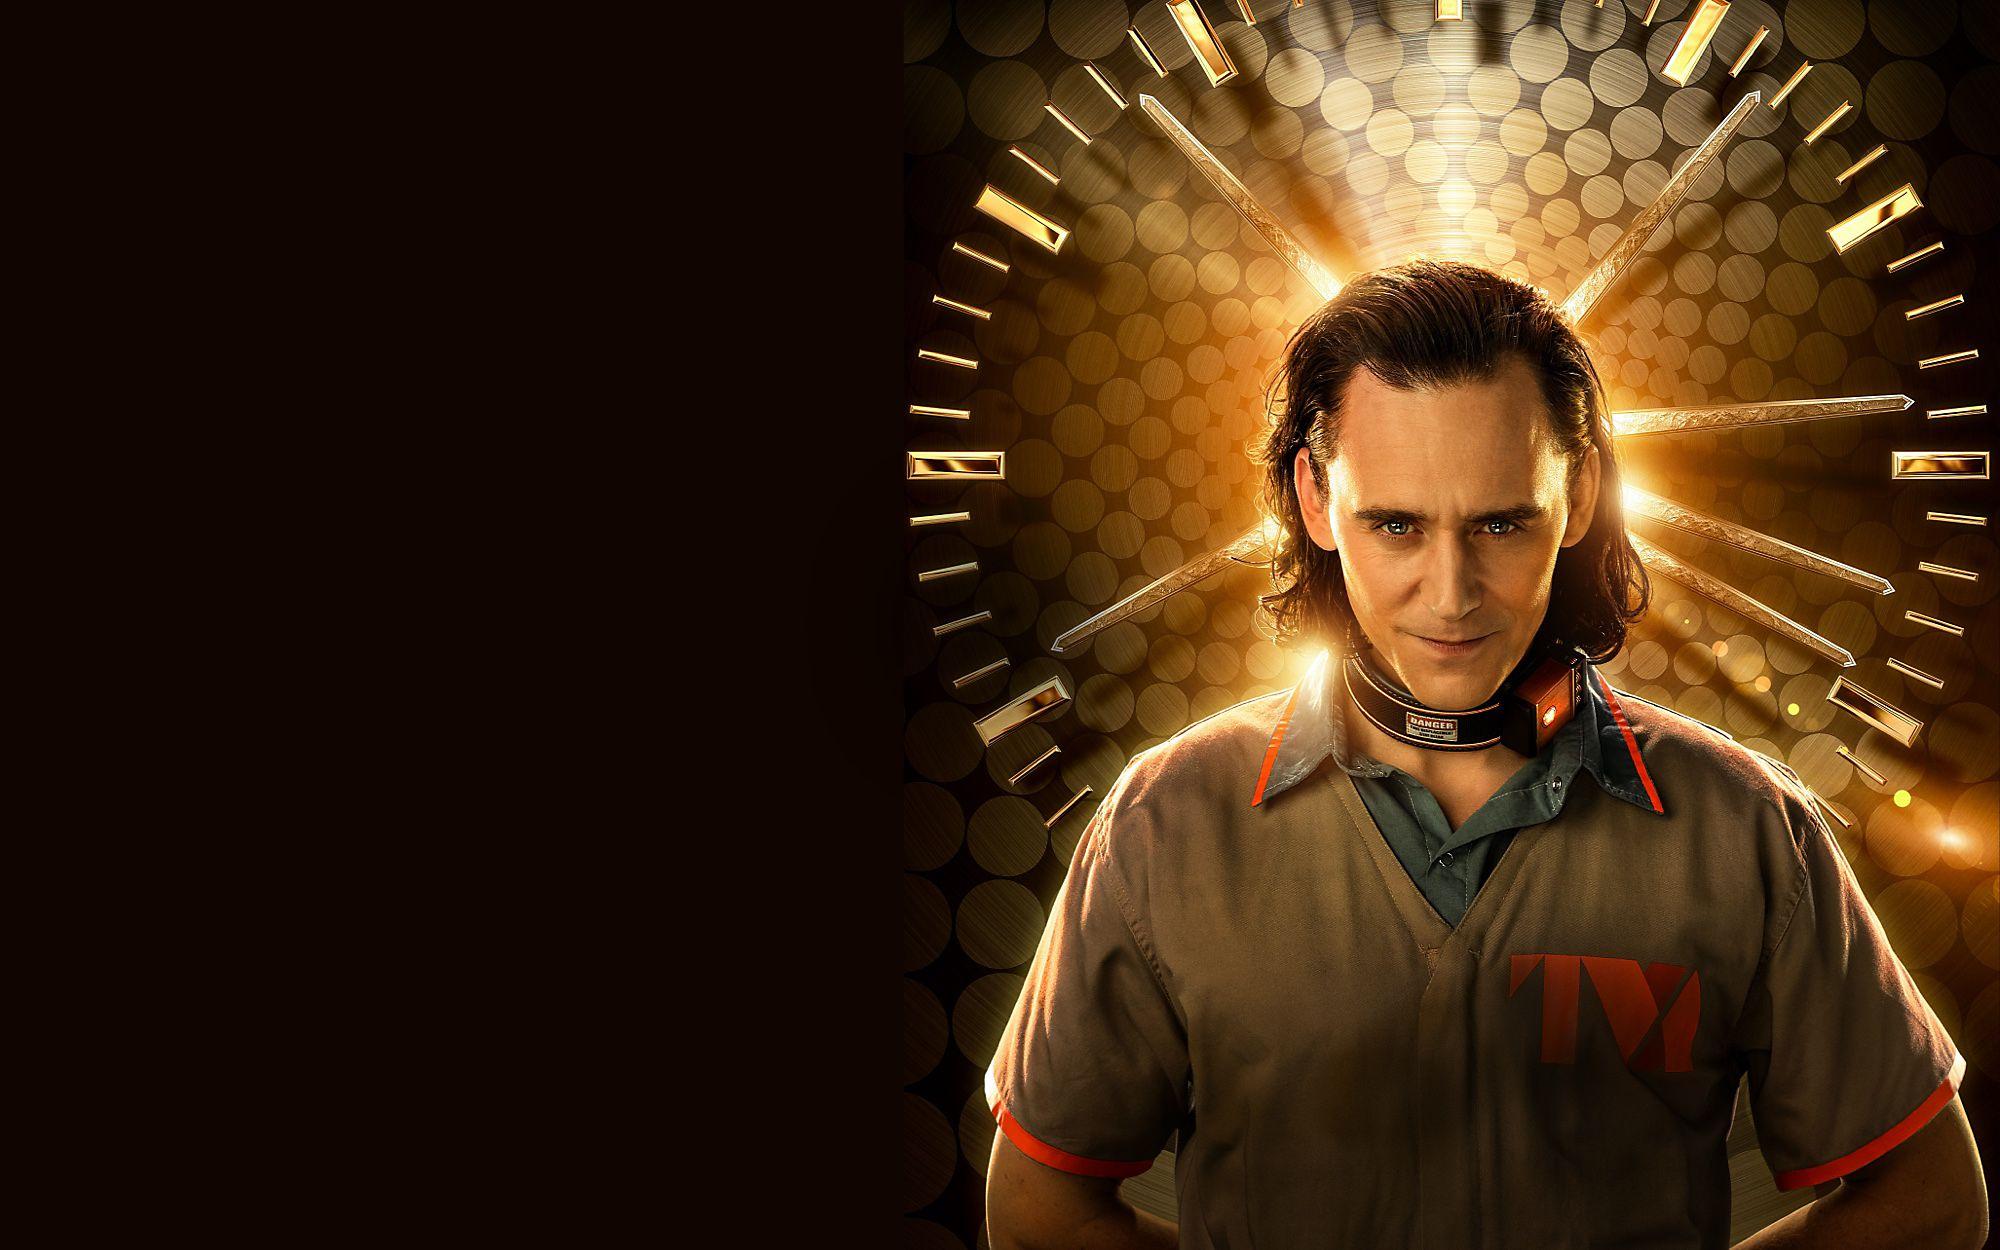 Loki Tom Hiddleston vuelve para dar vida al personaje más travieso de Marvel en la nueva serie Disney+ Original Loki Disponible a partir del 9 de junio